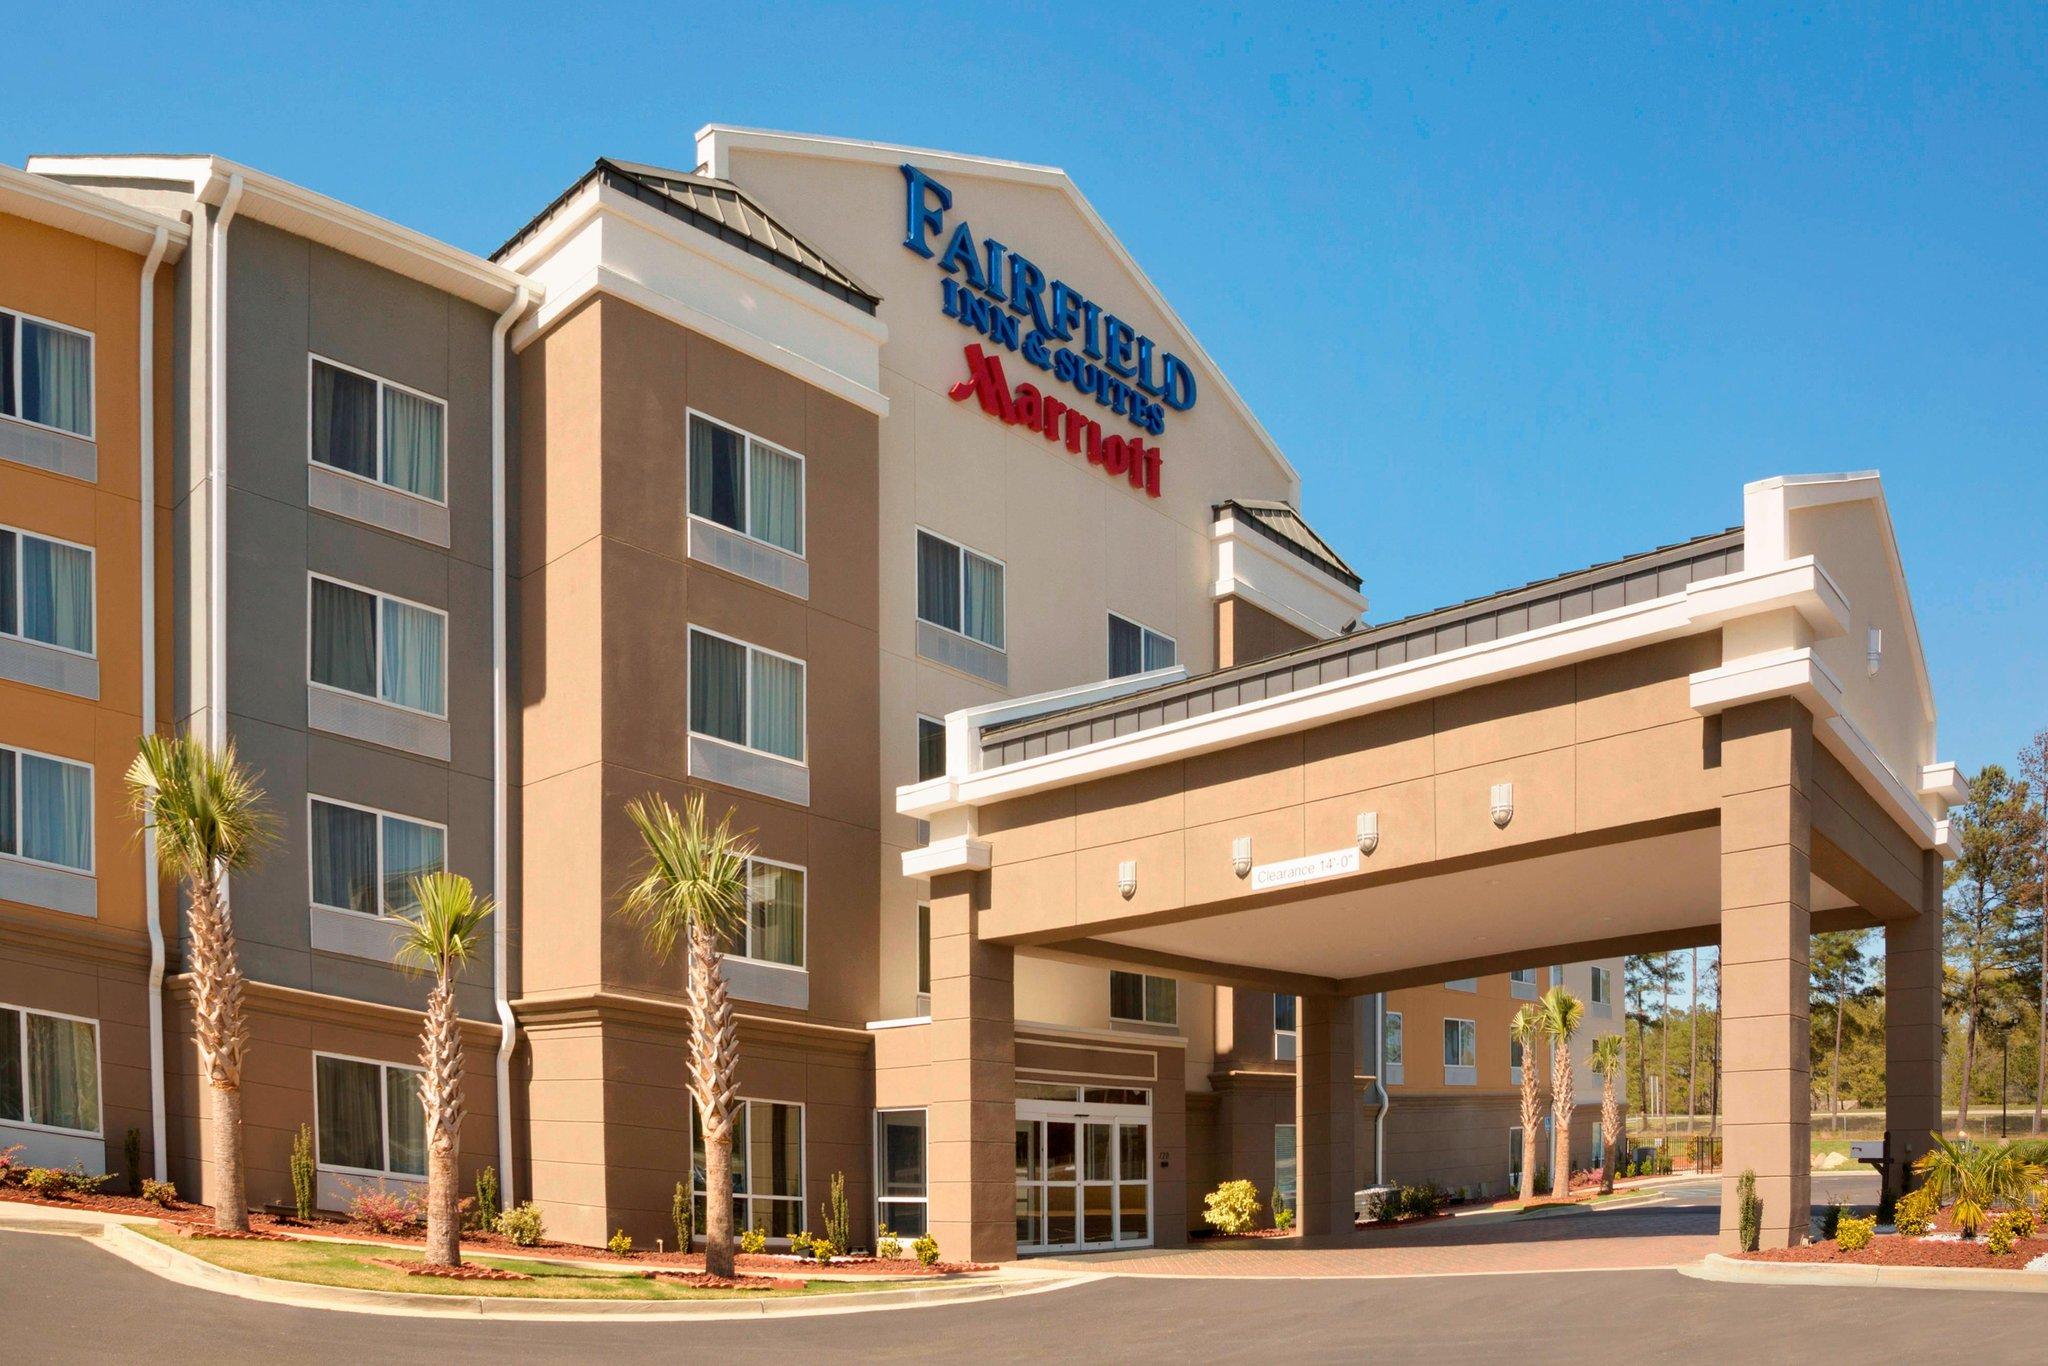 Fairfield Inn & Suites Columbia NE